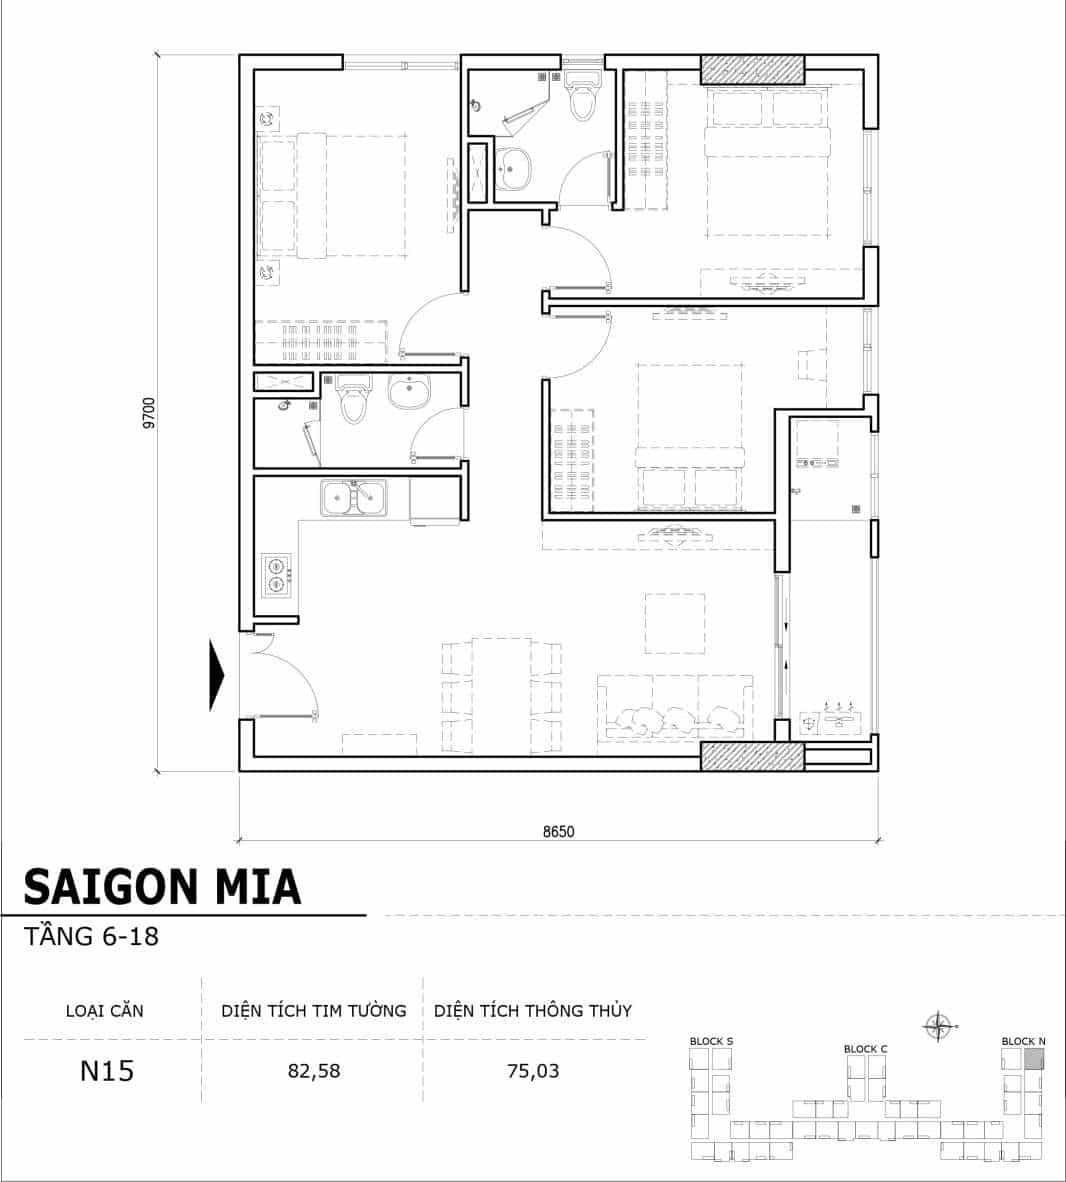 Chi tiết thiết kế căn hộ điển hình tầng 6-18 dự án Sài Gòn Mia - Căn N15